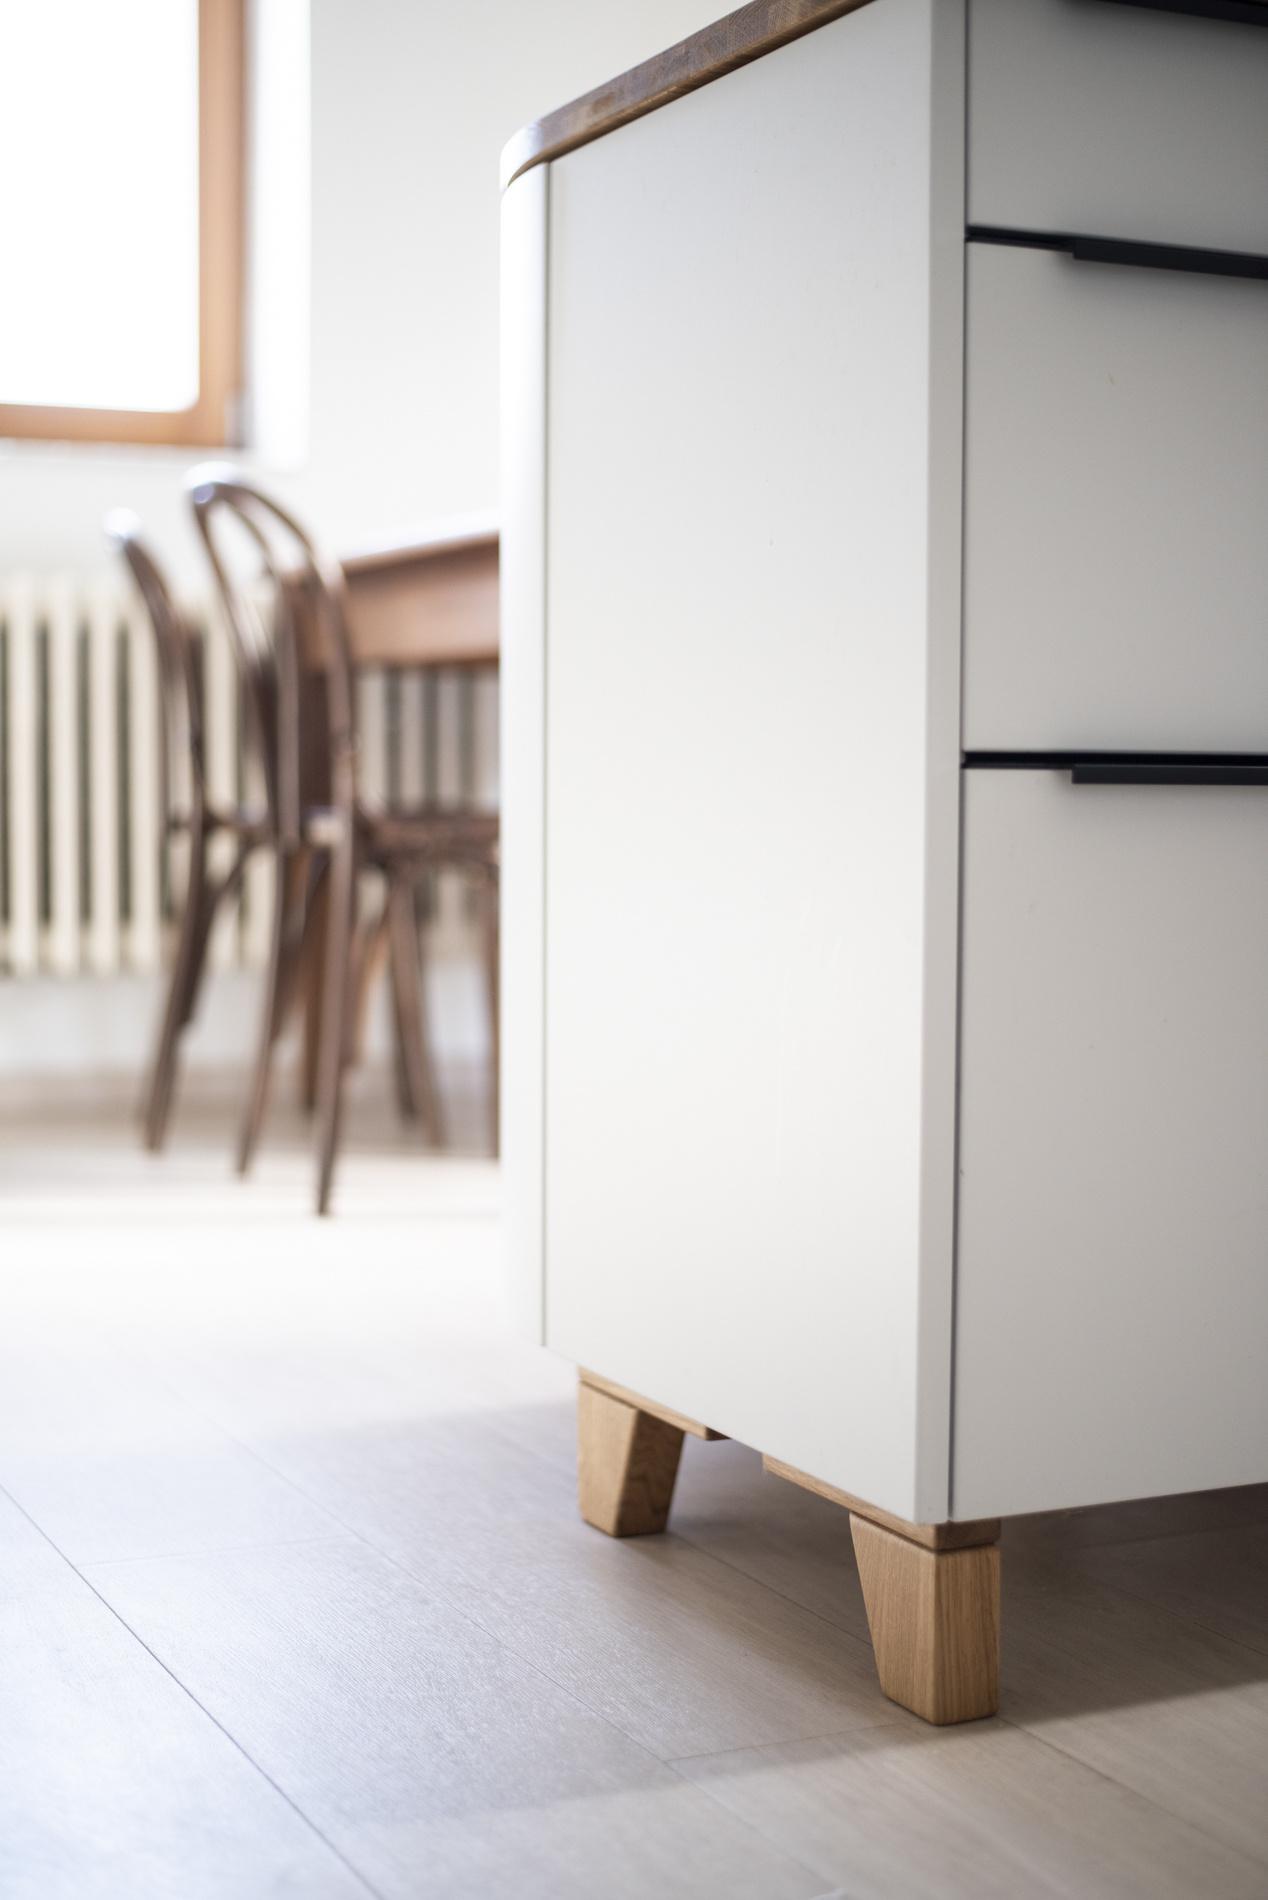 Podlaha v kuchyni je nová vinylová. V truhlářství Samšiňák vyrobili na míru dubovou podnož pod ostrůvek, který proto působí vzdušněji. Thonetky u jídelního stolu sehnala majitelka v bazaru.